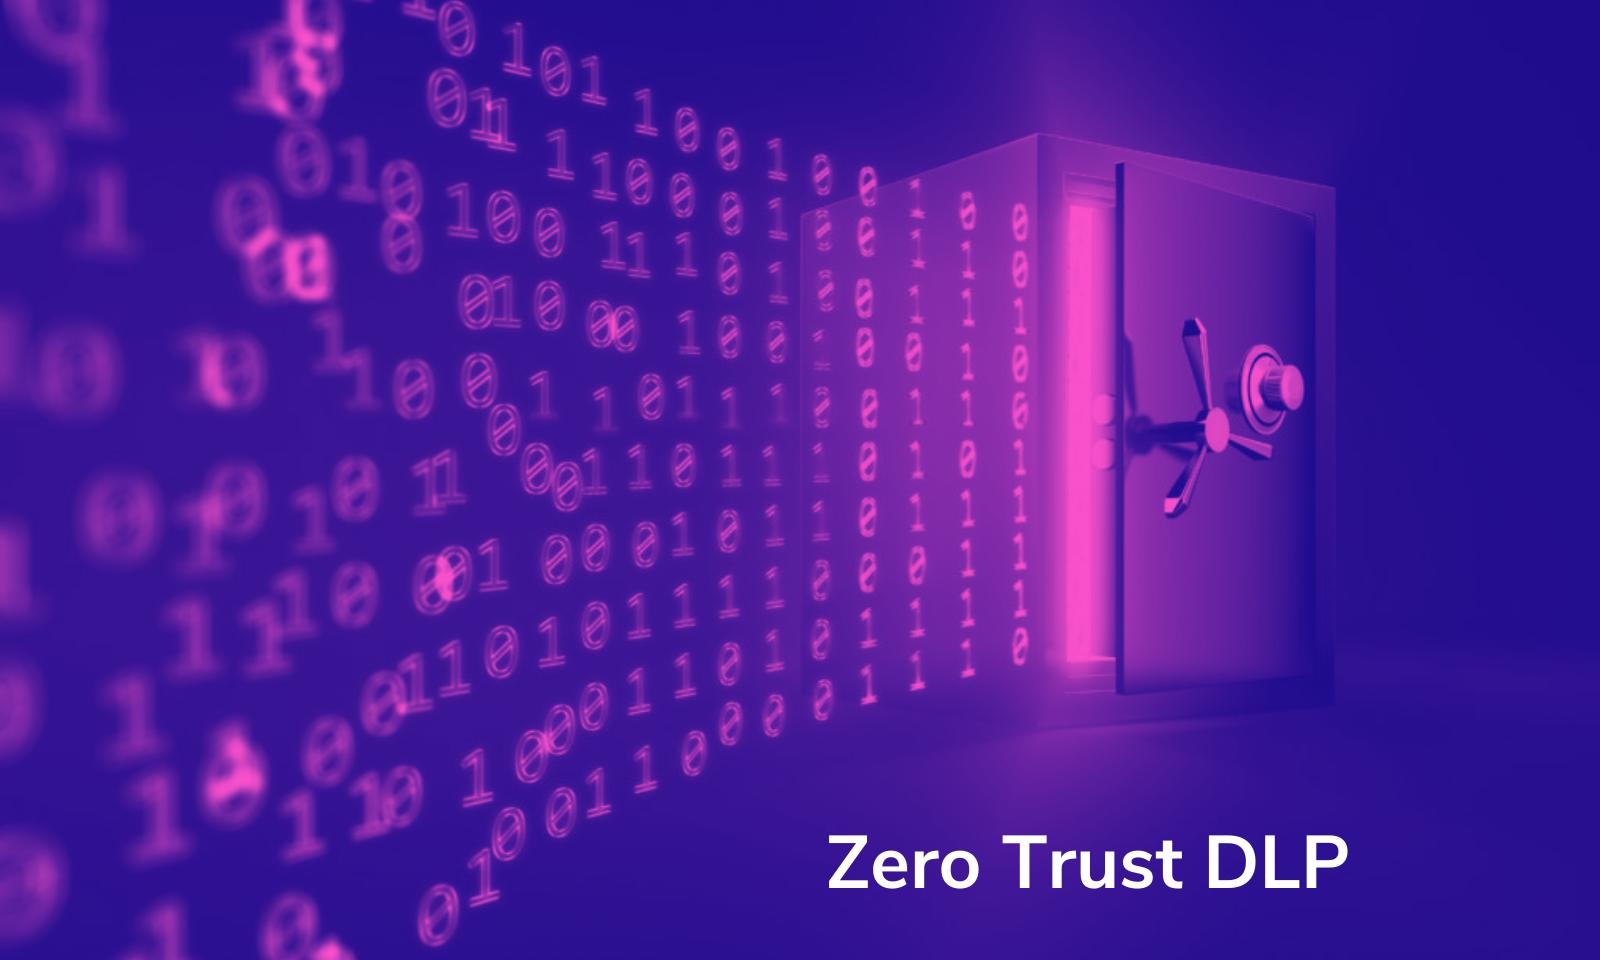 Zero Trust DLP